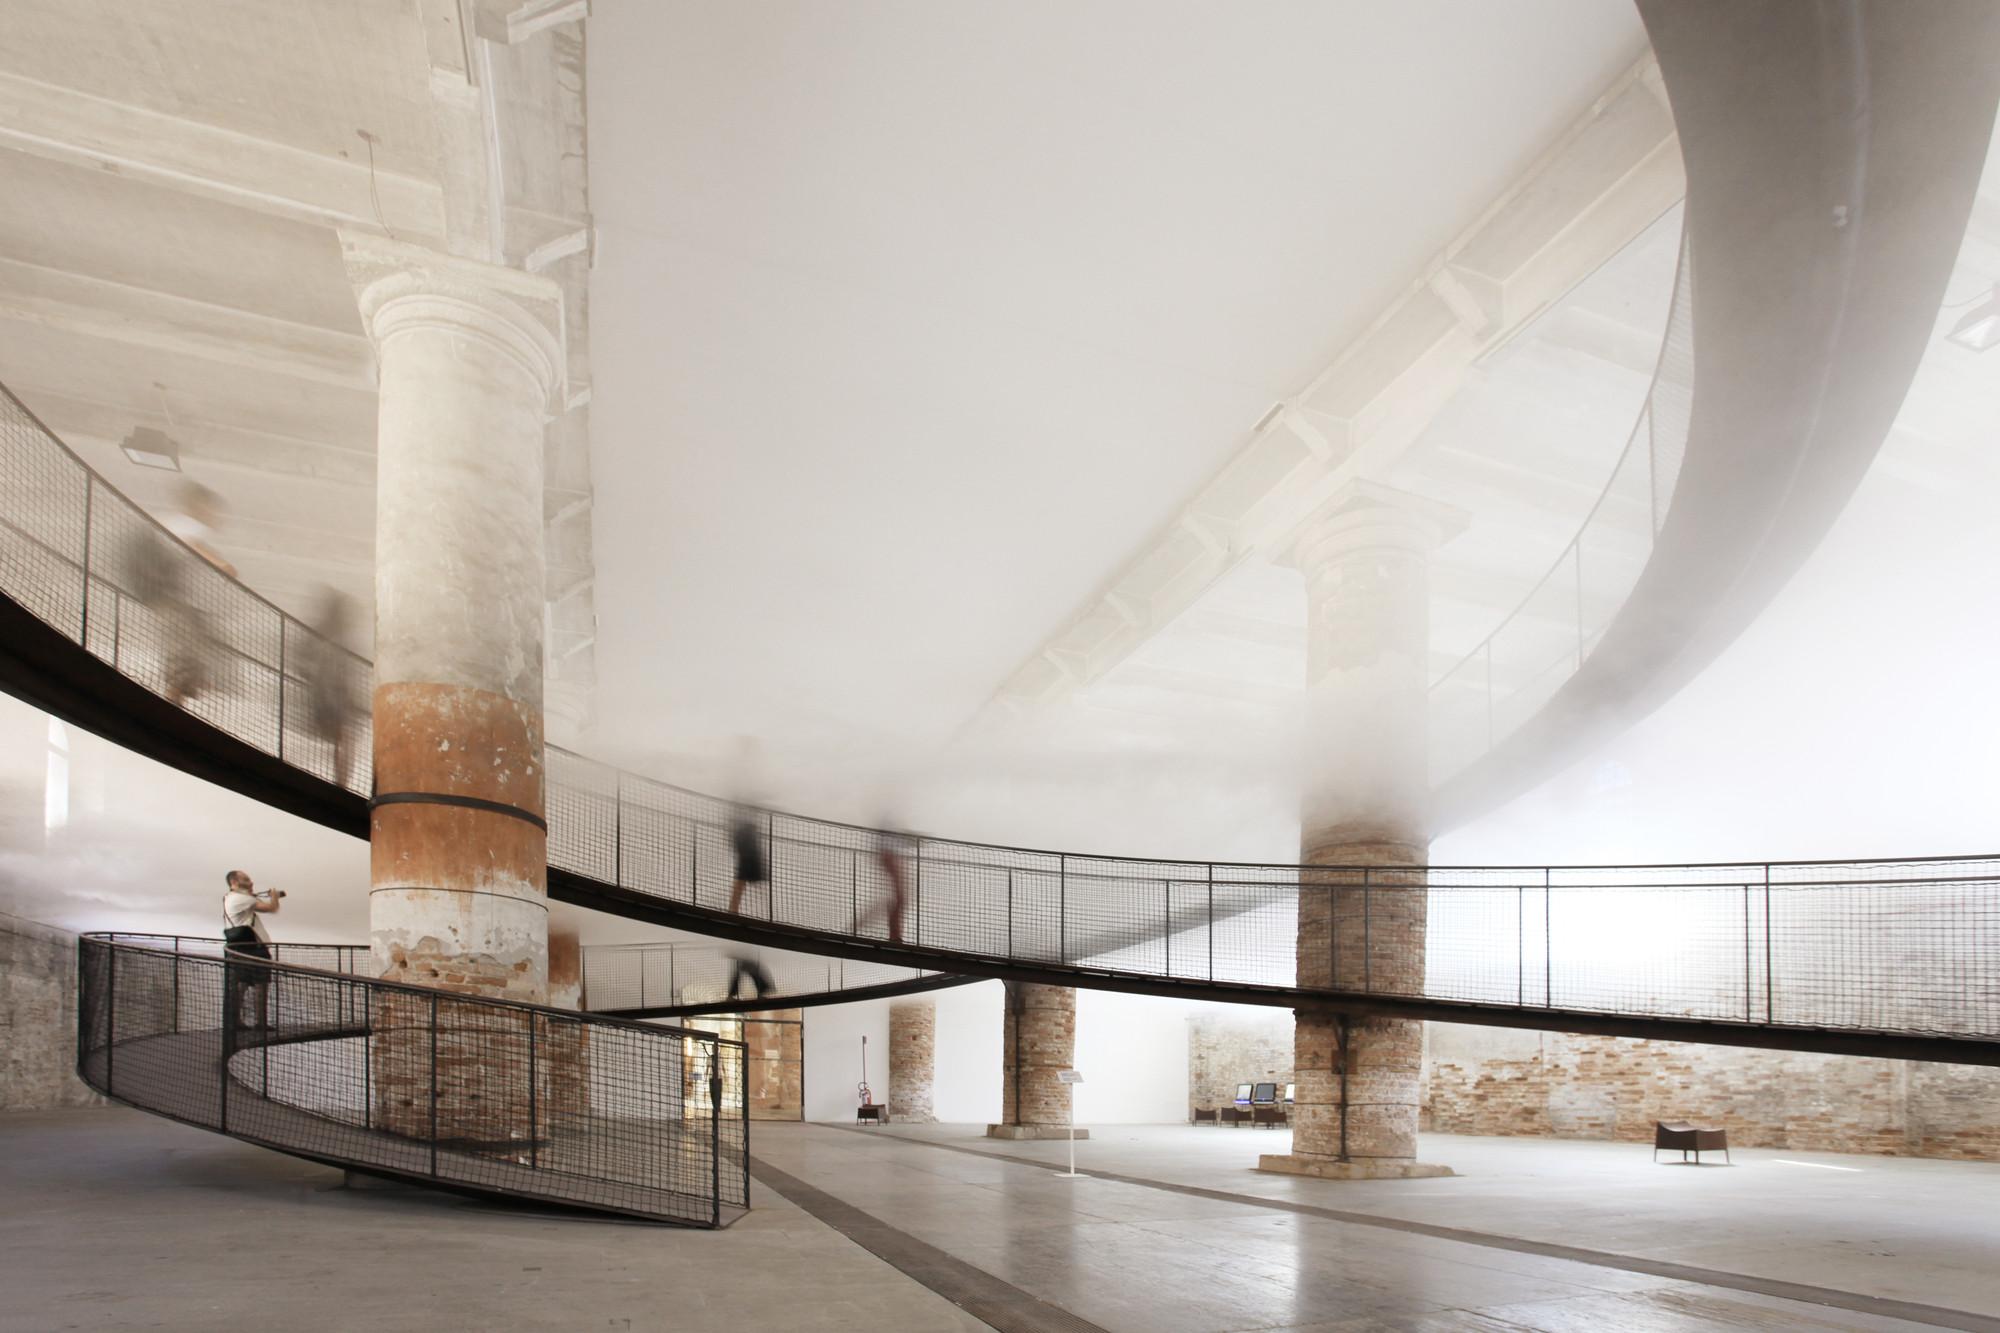 Cloudscapes / Transsolar & Tetsuo Kondo Architects, Courtesy of Transsolar & Tetsuo Kondo Architects